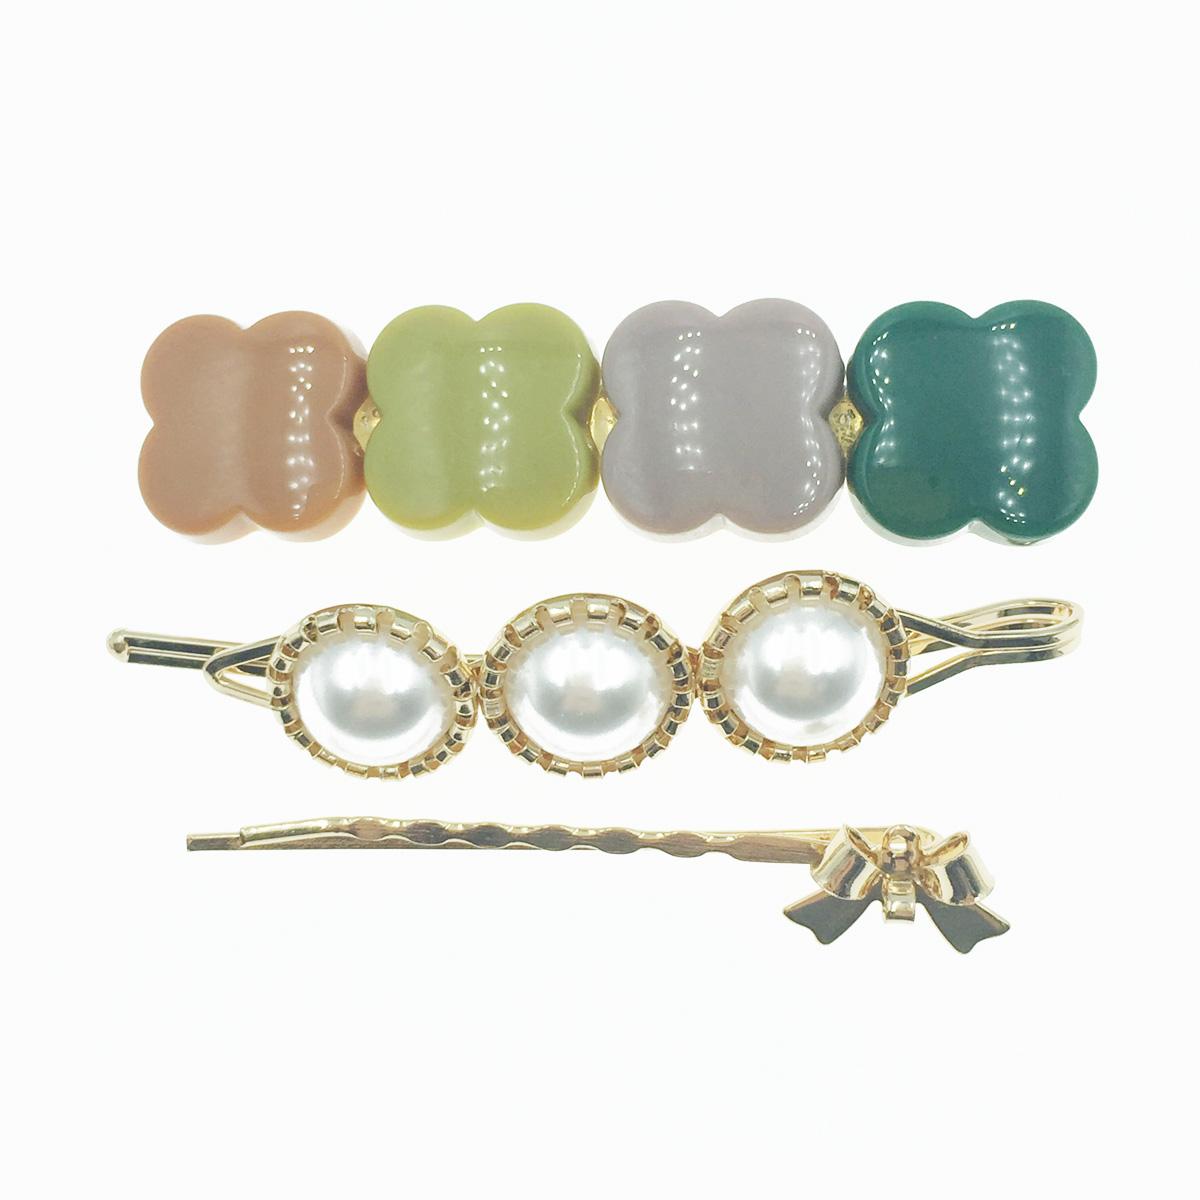 韓國 珍珠 蝴蝶結 3入組 髮飾 髮夾 線夾 壓夾